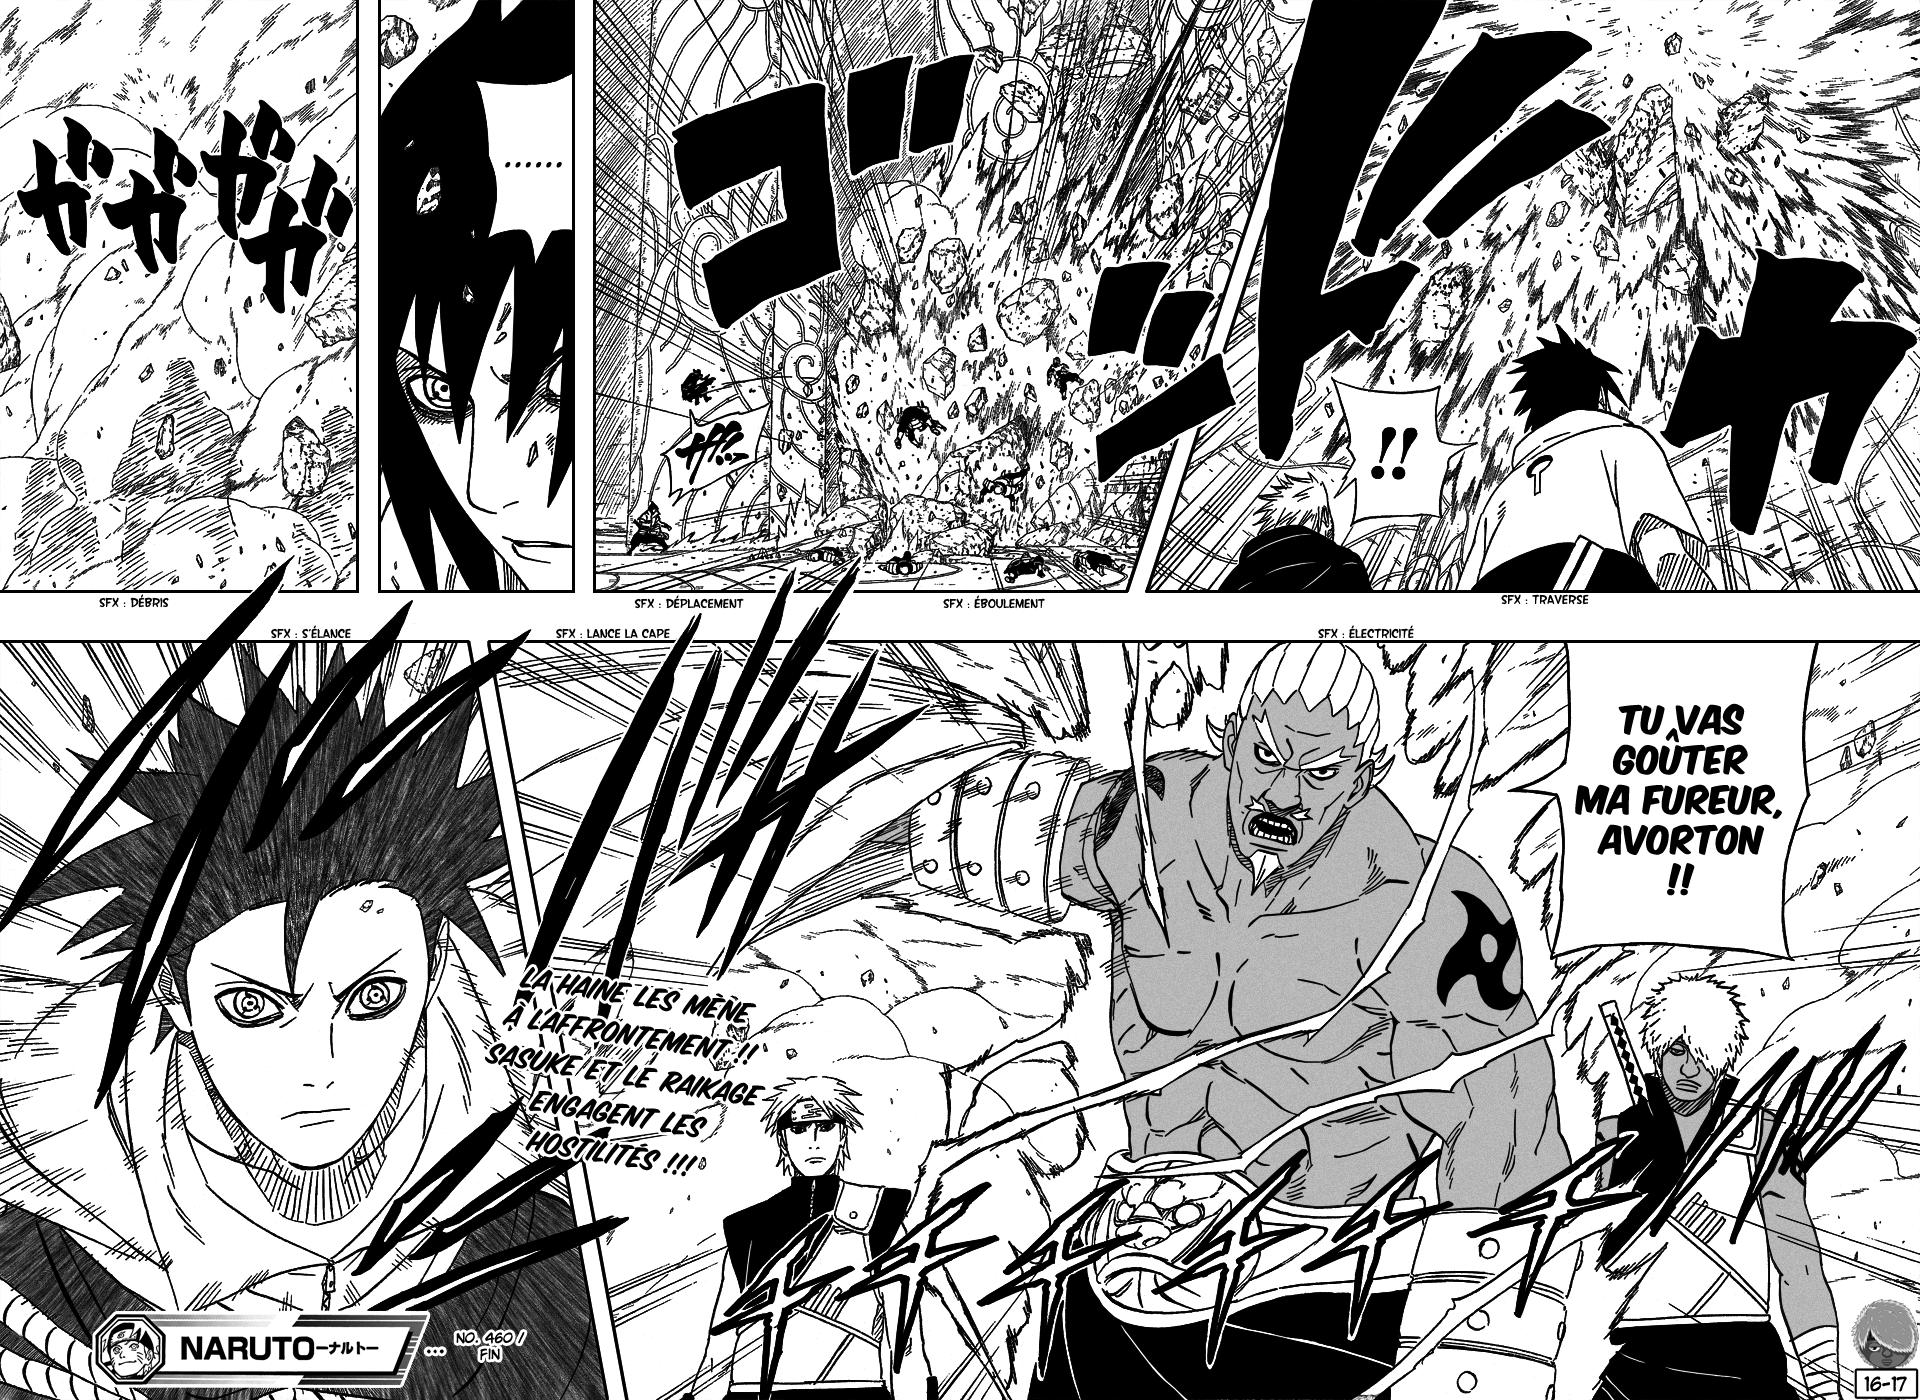 Naruto chapitre 460 - Page 16